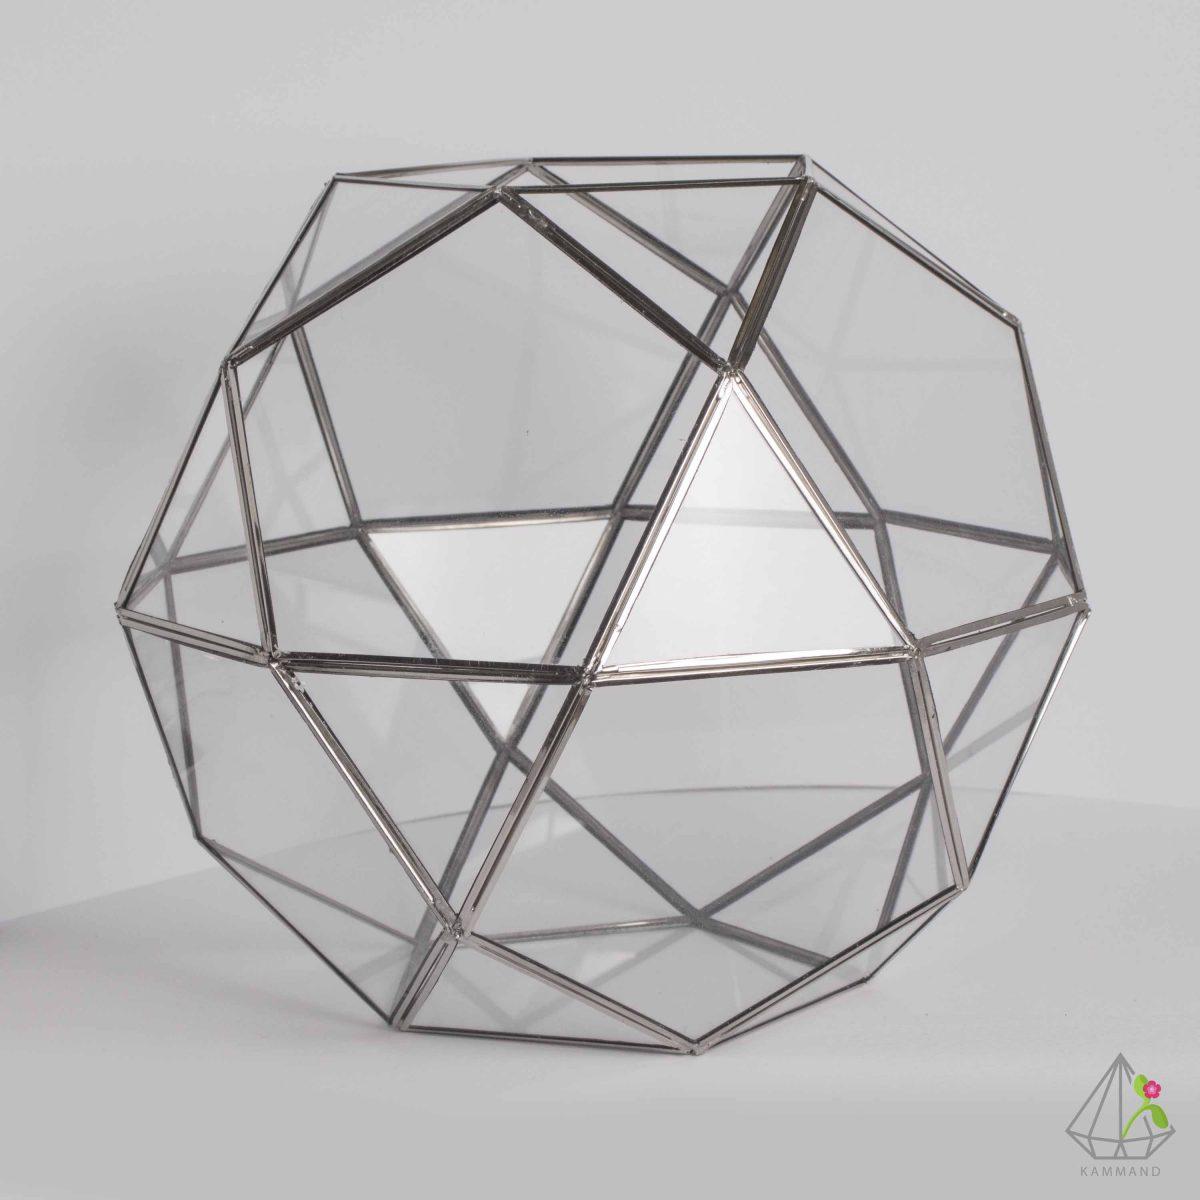 ظروف تراریوم، تراریوم چند وجهی ، تراریوم توپ هندسی ،گلدان شیشه ای، تراریوم، باغ شیشه ای ، فروشگاه اینترنتی کمند